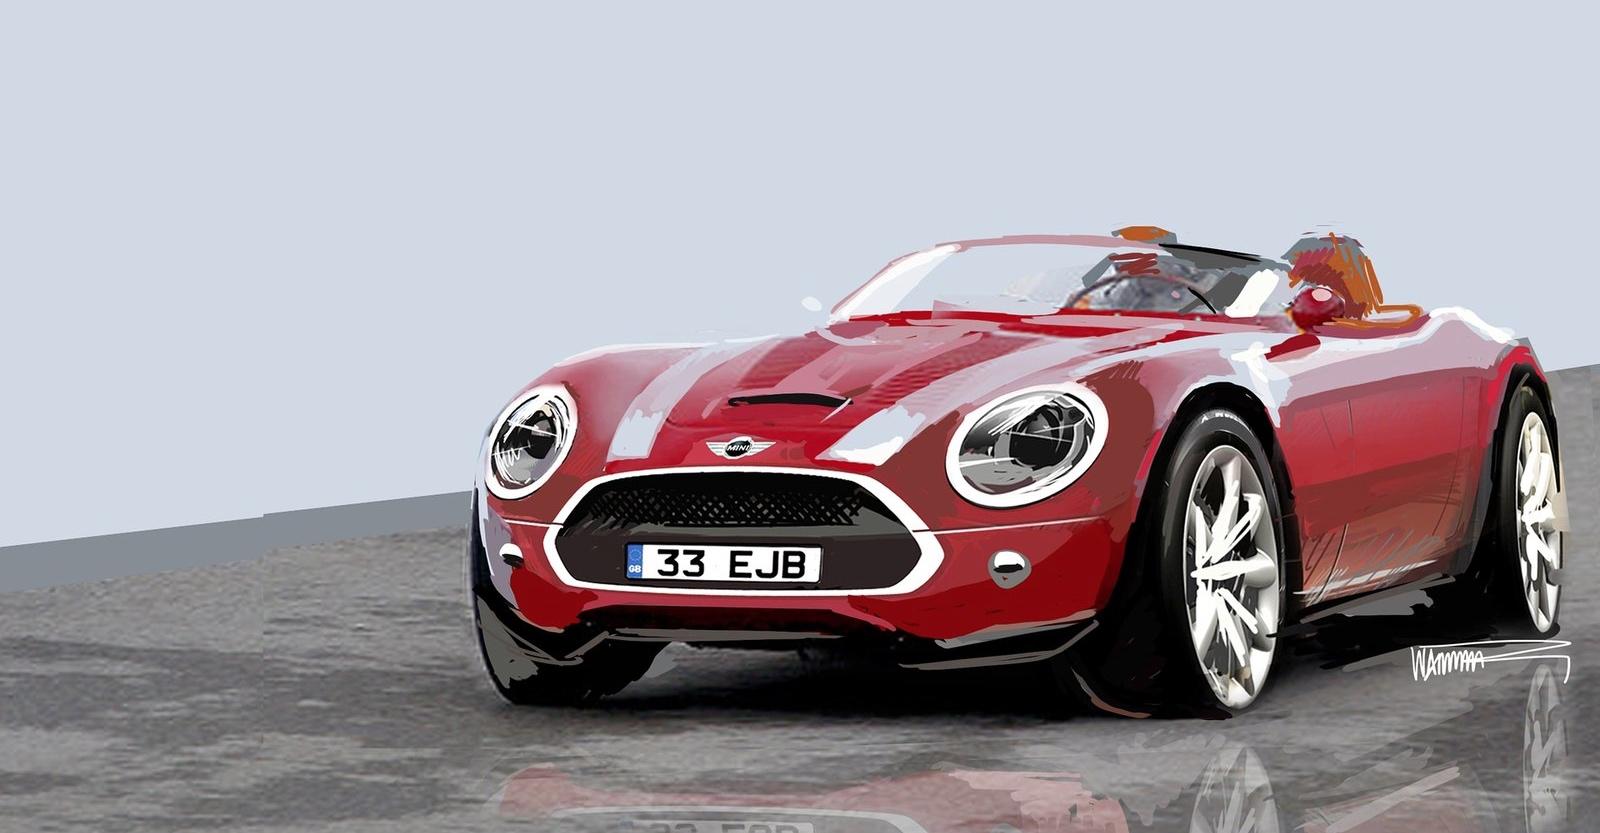 MINI Superleggera Inspired Car Allegedly Approved For